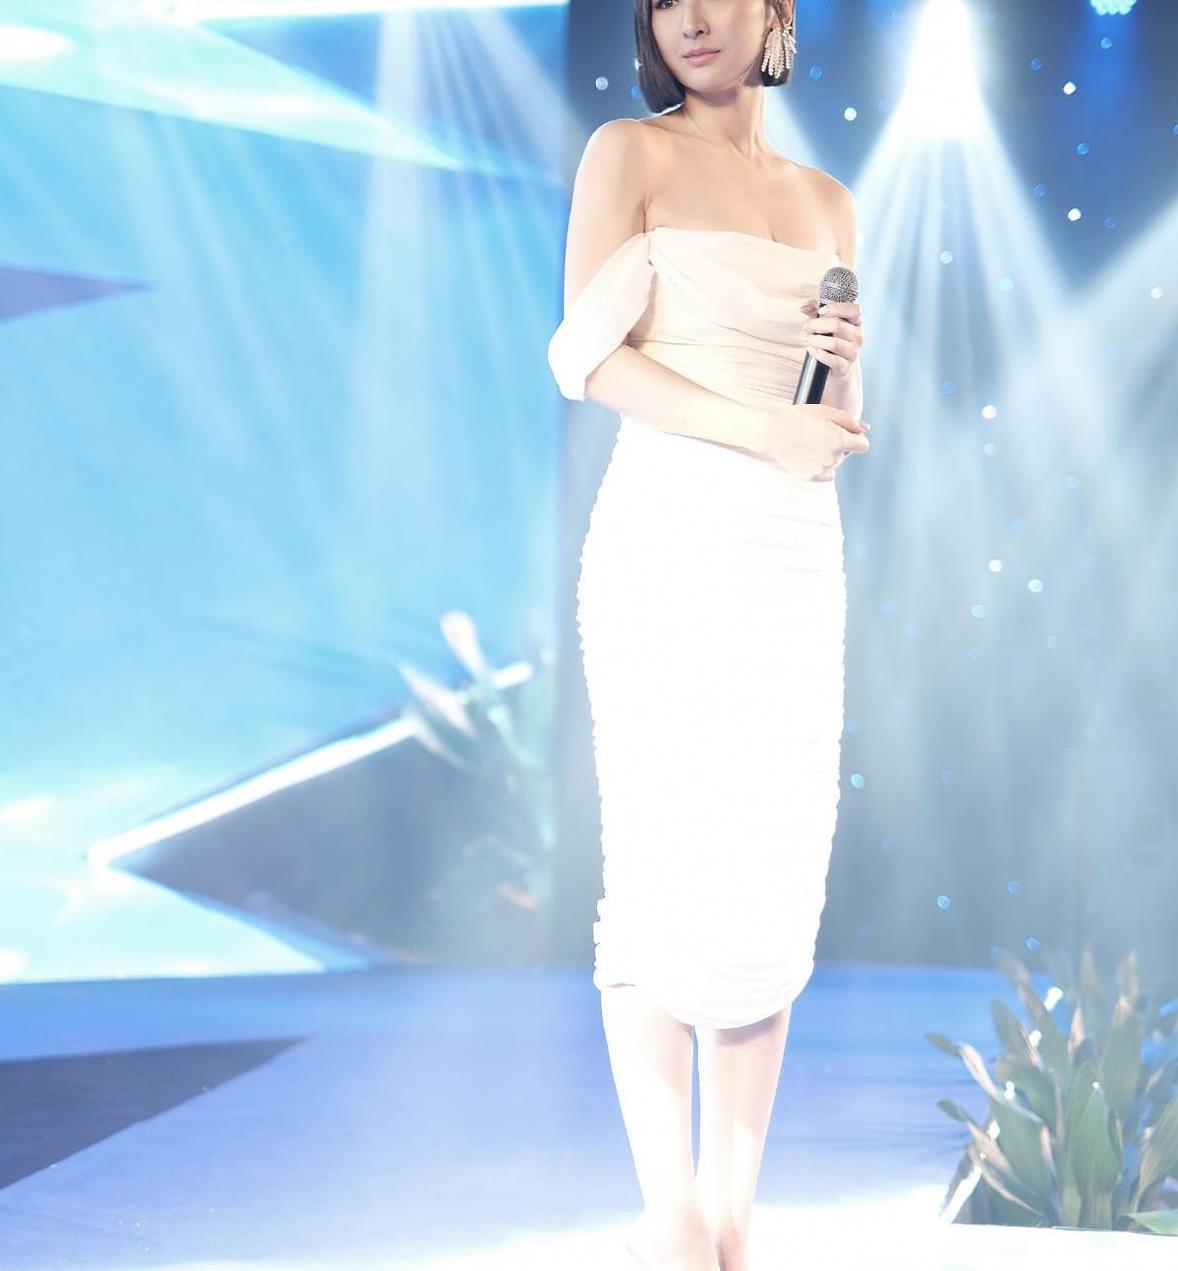 高海宁优雅大气,穿白色一字肩连衣裙搭配波波头,女神范十足